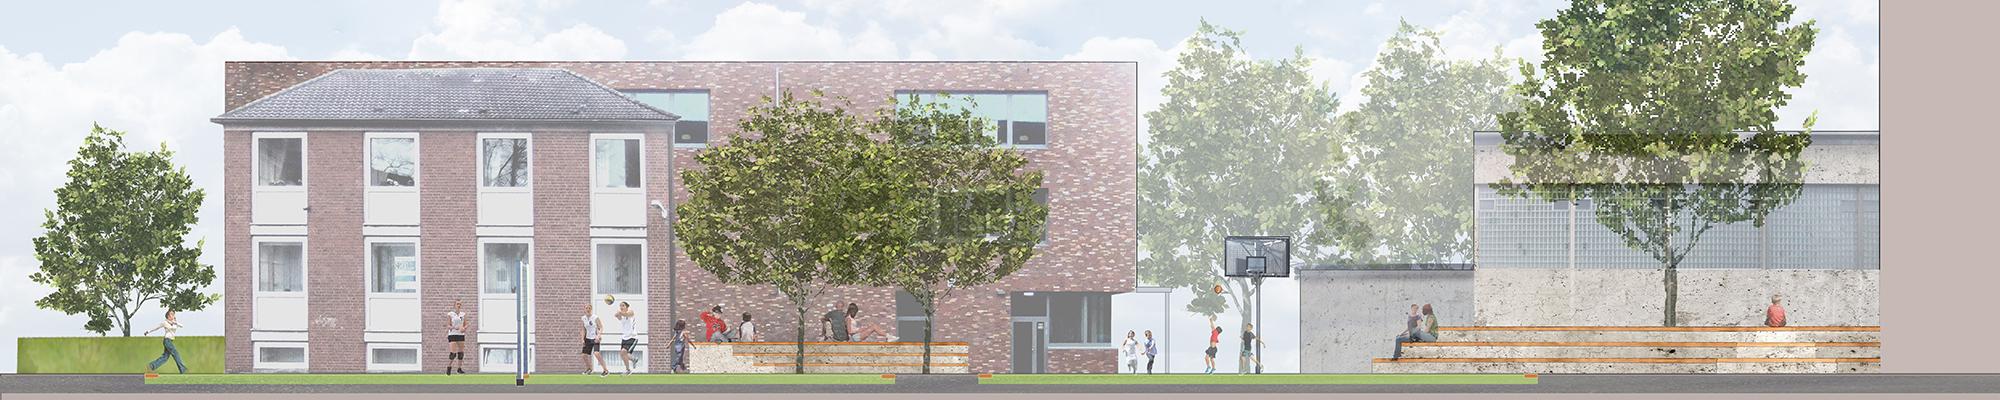 banner-wettbewerb-schule-bremerhaven-sportplatz-amphitheater